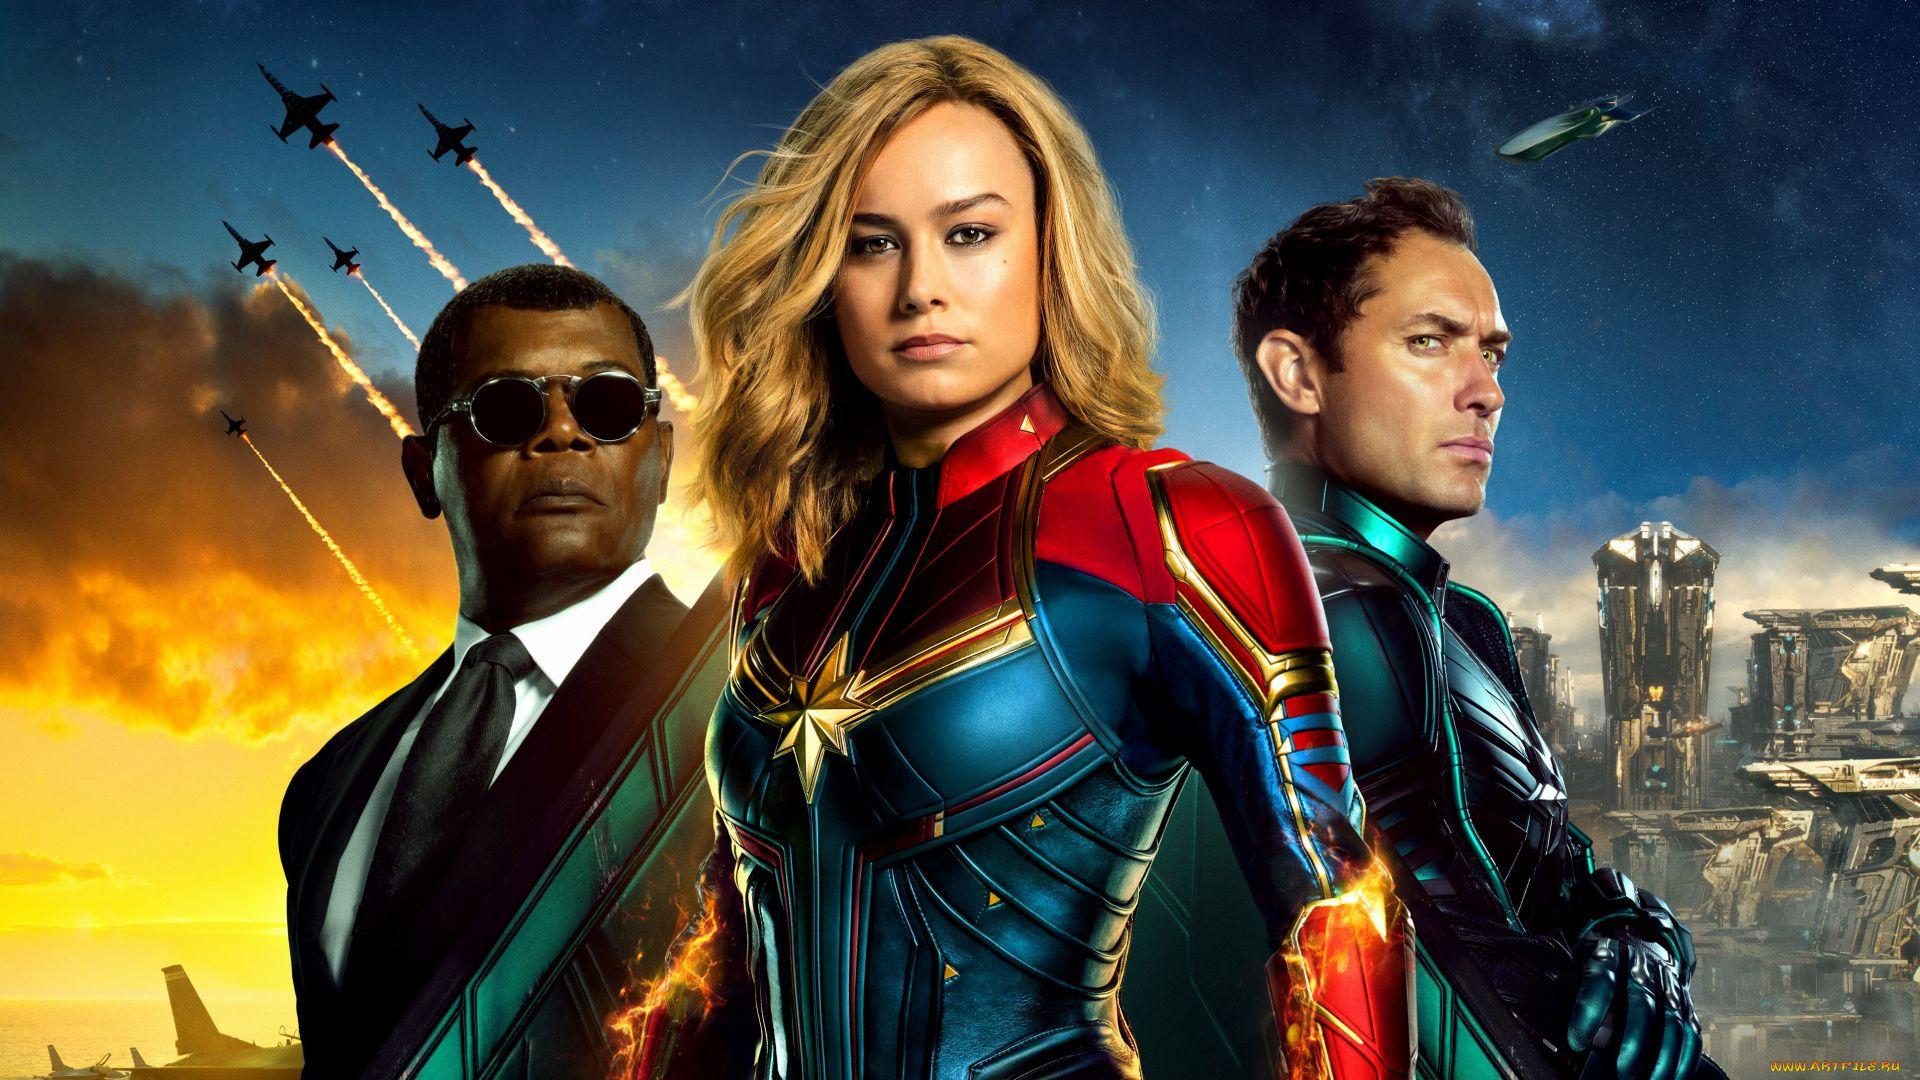 Captain Marvel Wallpaper Theme